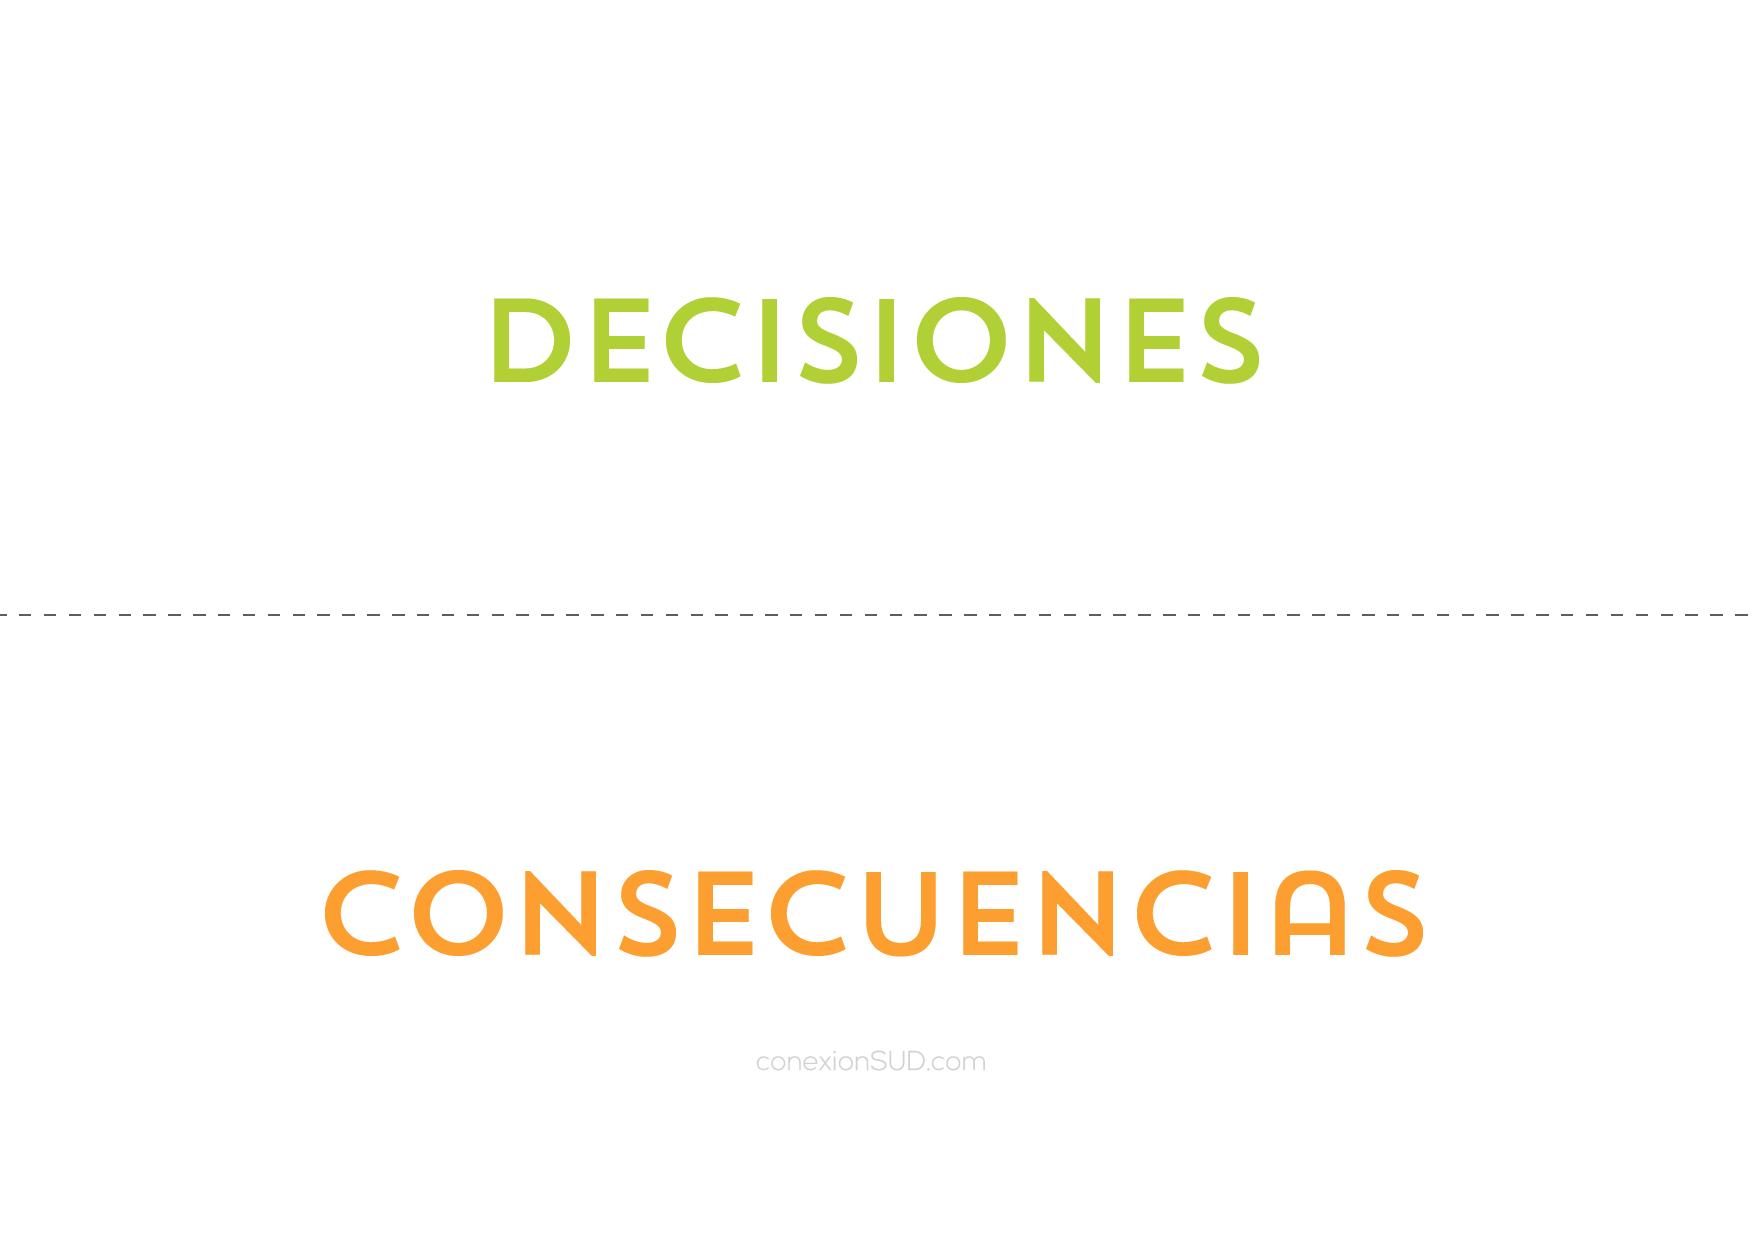 Tengo albedrio y soy responsable de mis decisiones_ConexionSUD-04_ConexionSUD-04